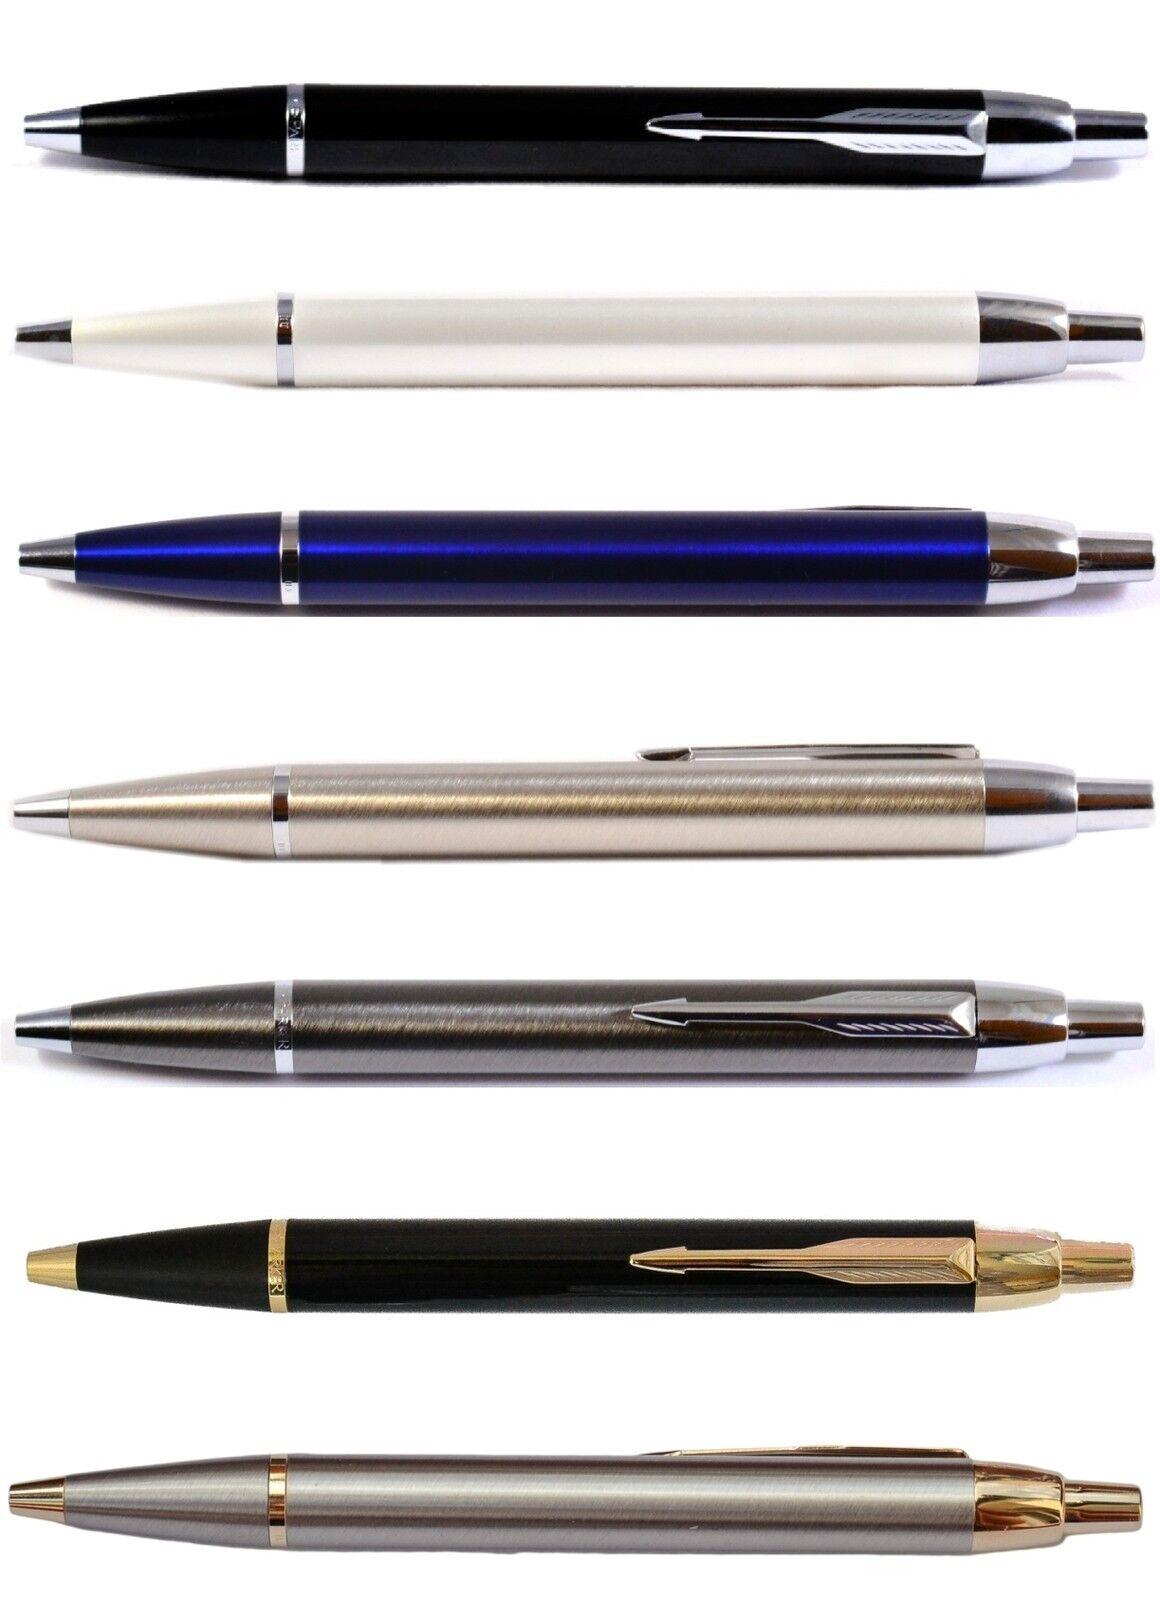 Luxus Kugelschreiber Parker IM IM IM mit Gravur im PARKER Geschenketui | Verschiedene Waren  a8d571